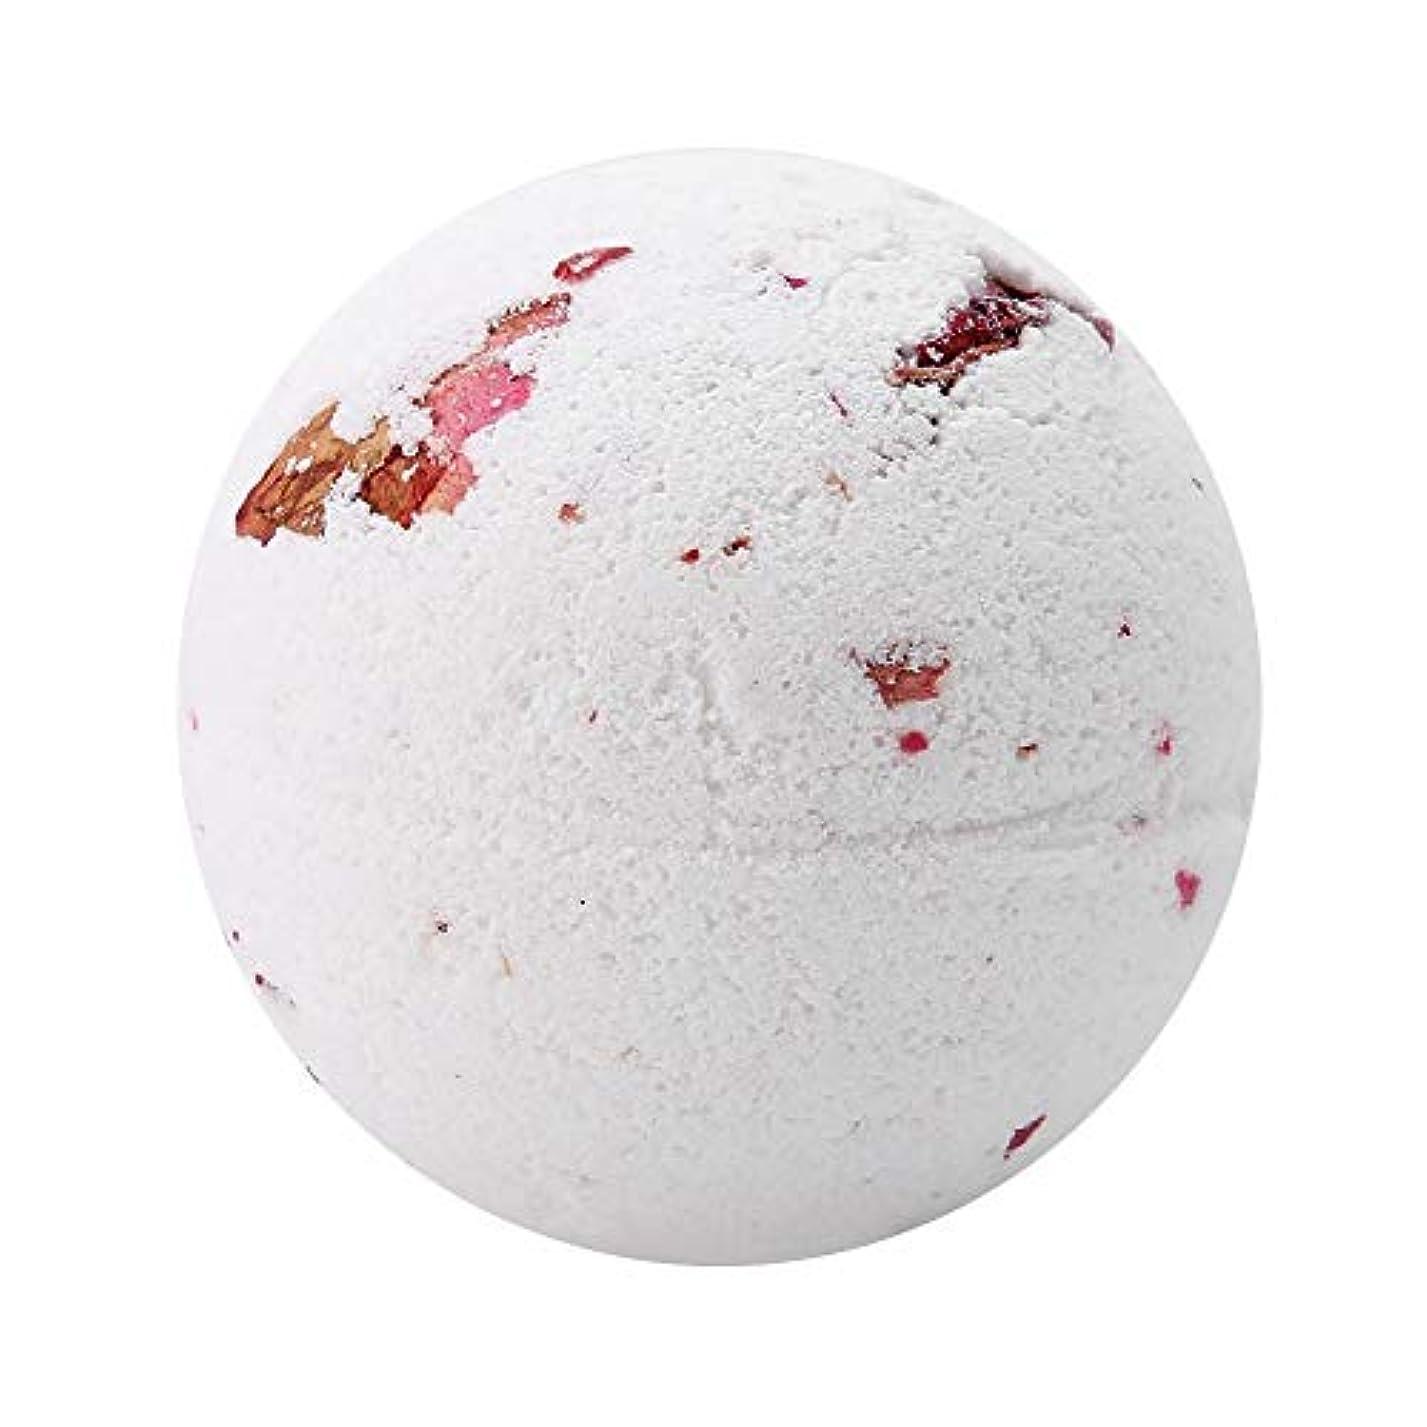 入浴剤 100%天然エッセンシャルオイル&ドライフラワー、アロマテラピーリラクゼーション乾燥肌、キューティクルの柔らかさ 泡風呂 ガールフレンドのアイデアギフト 女性 母親(Milk Rose)